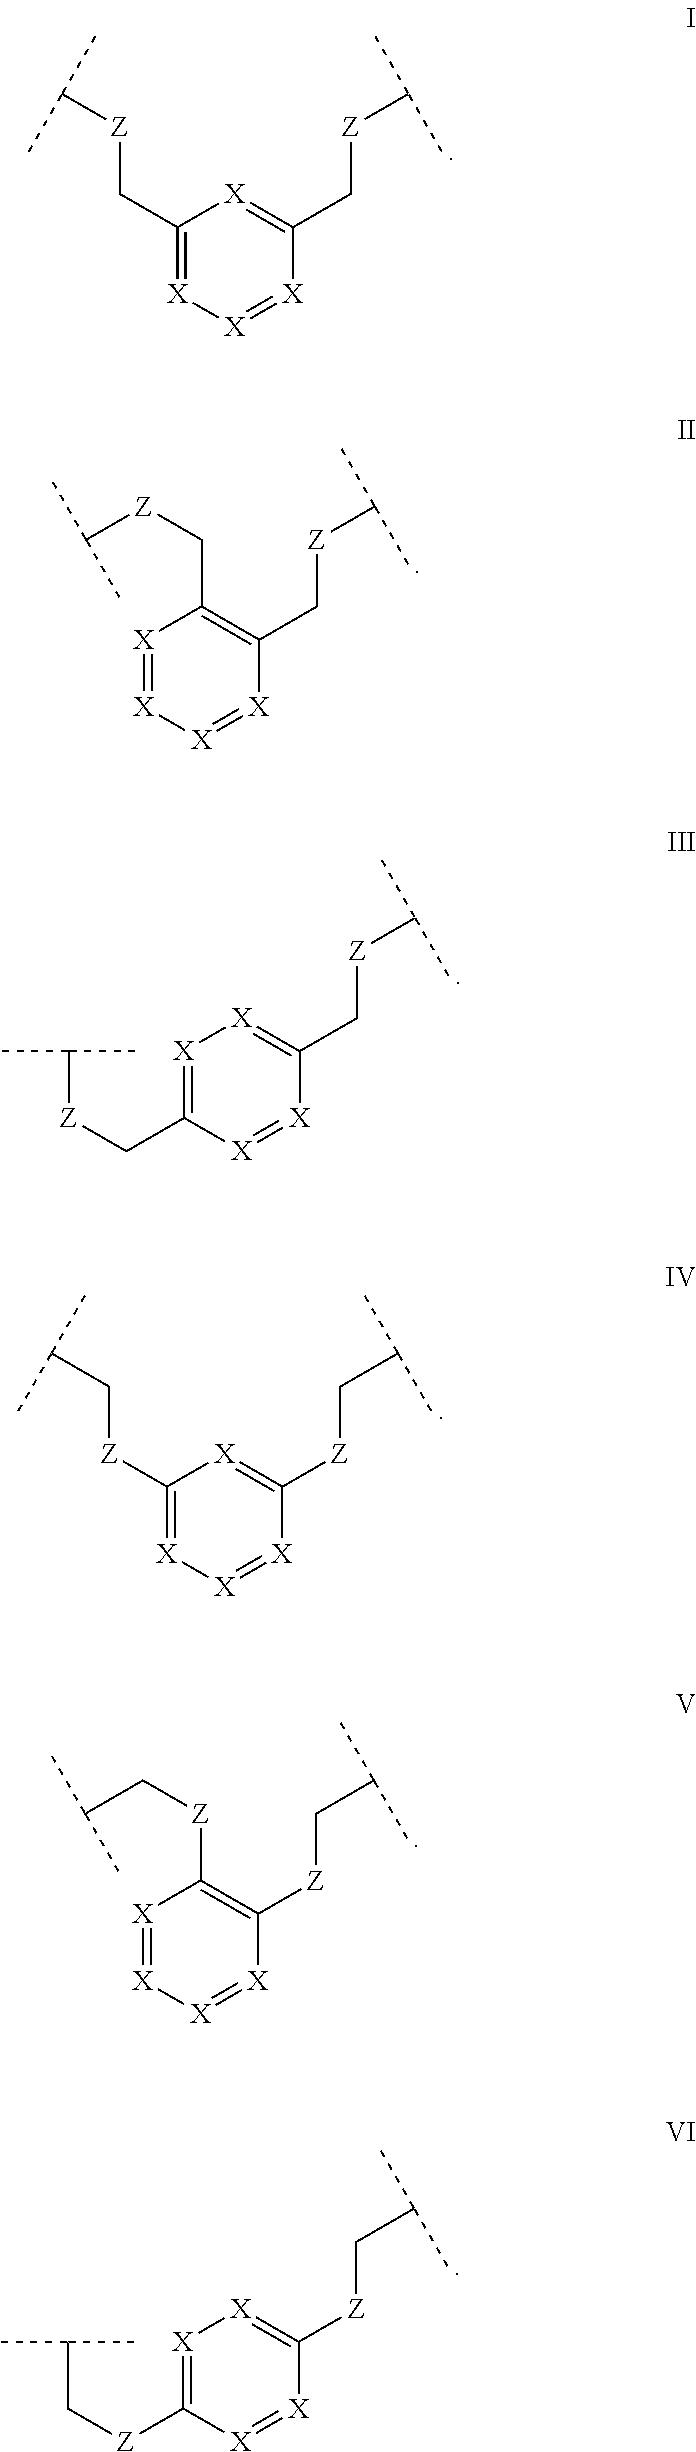 Figure US09644004-20170509-C00008